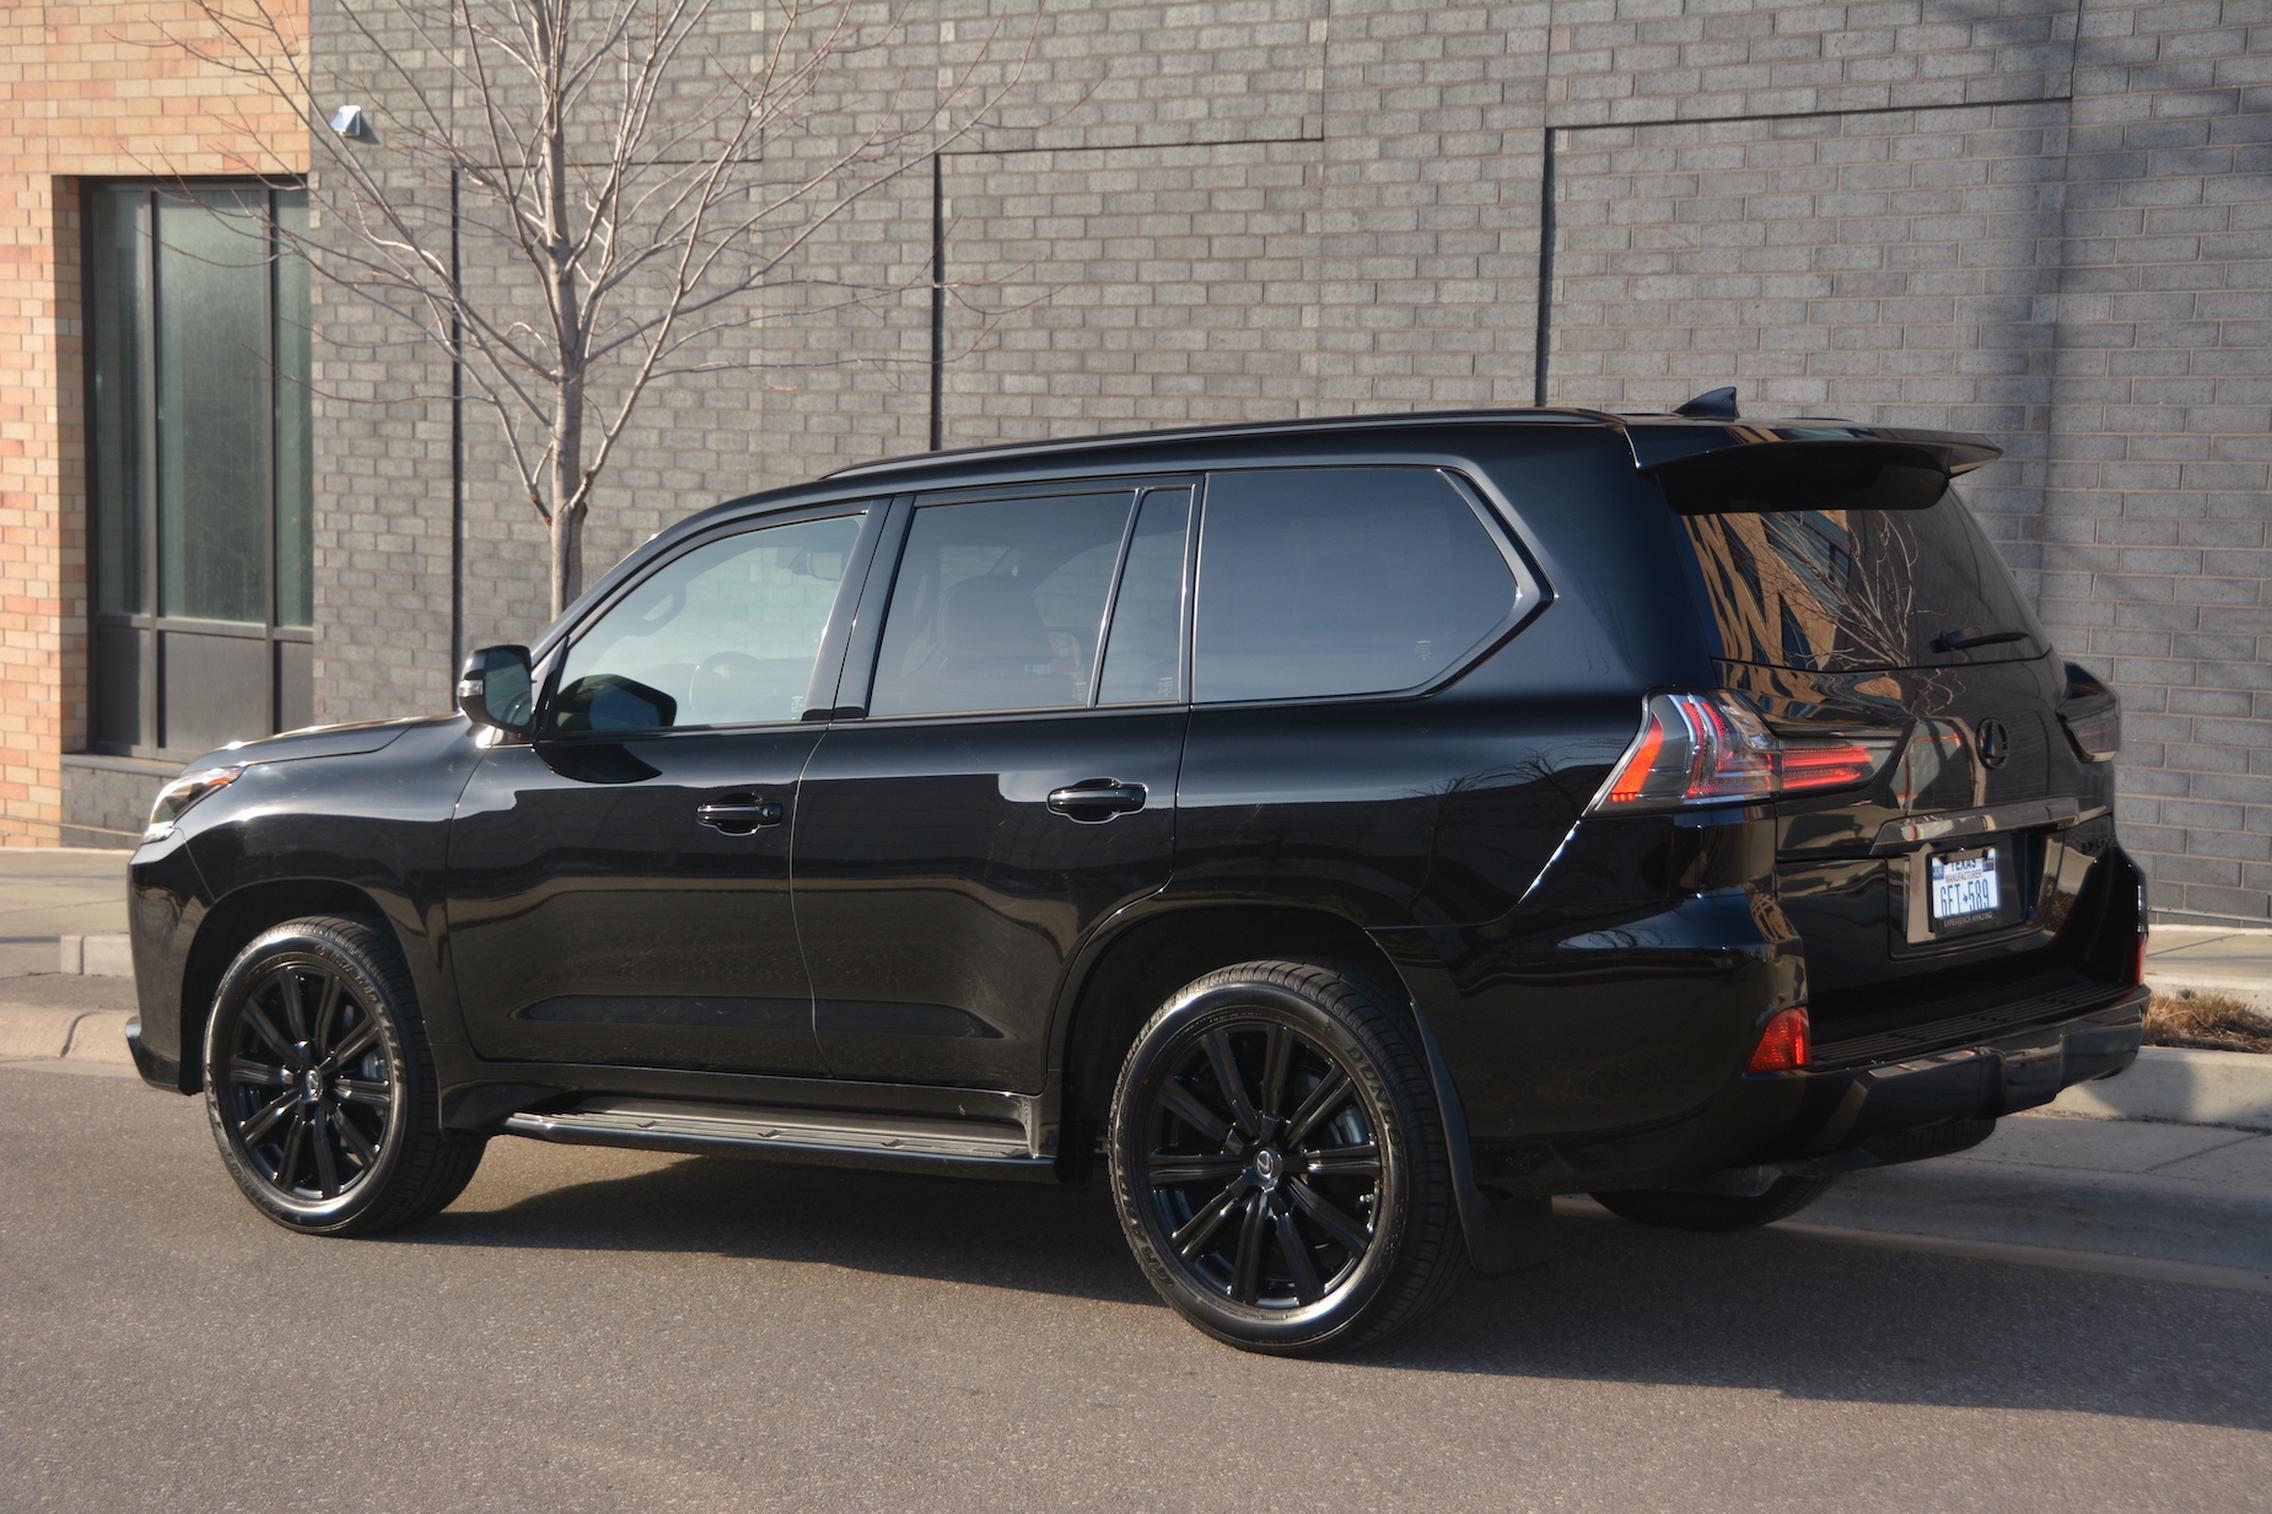 2021 Lexus LX570 specs